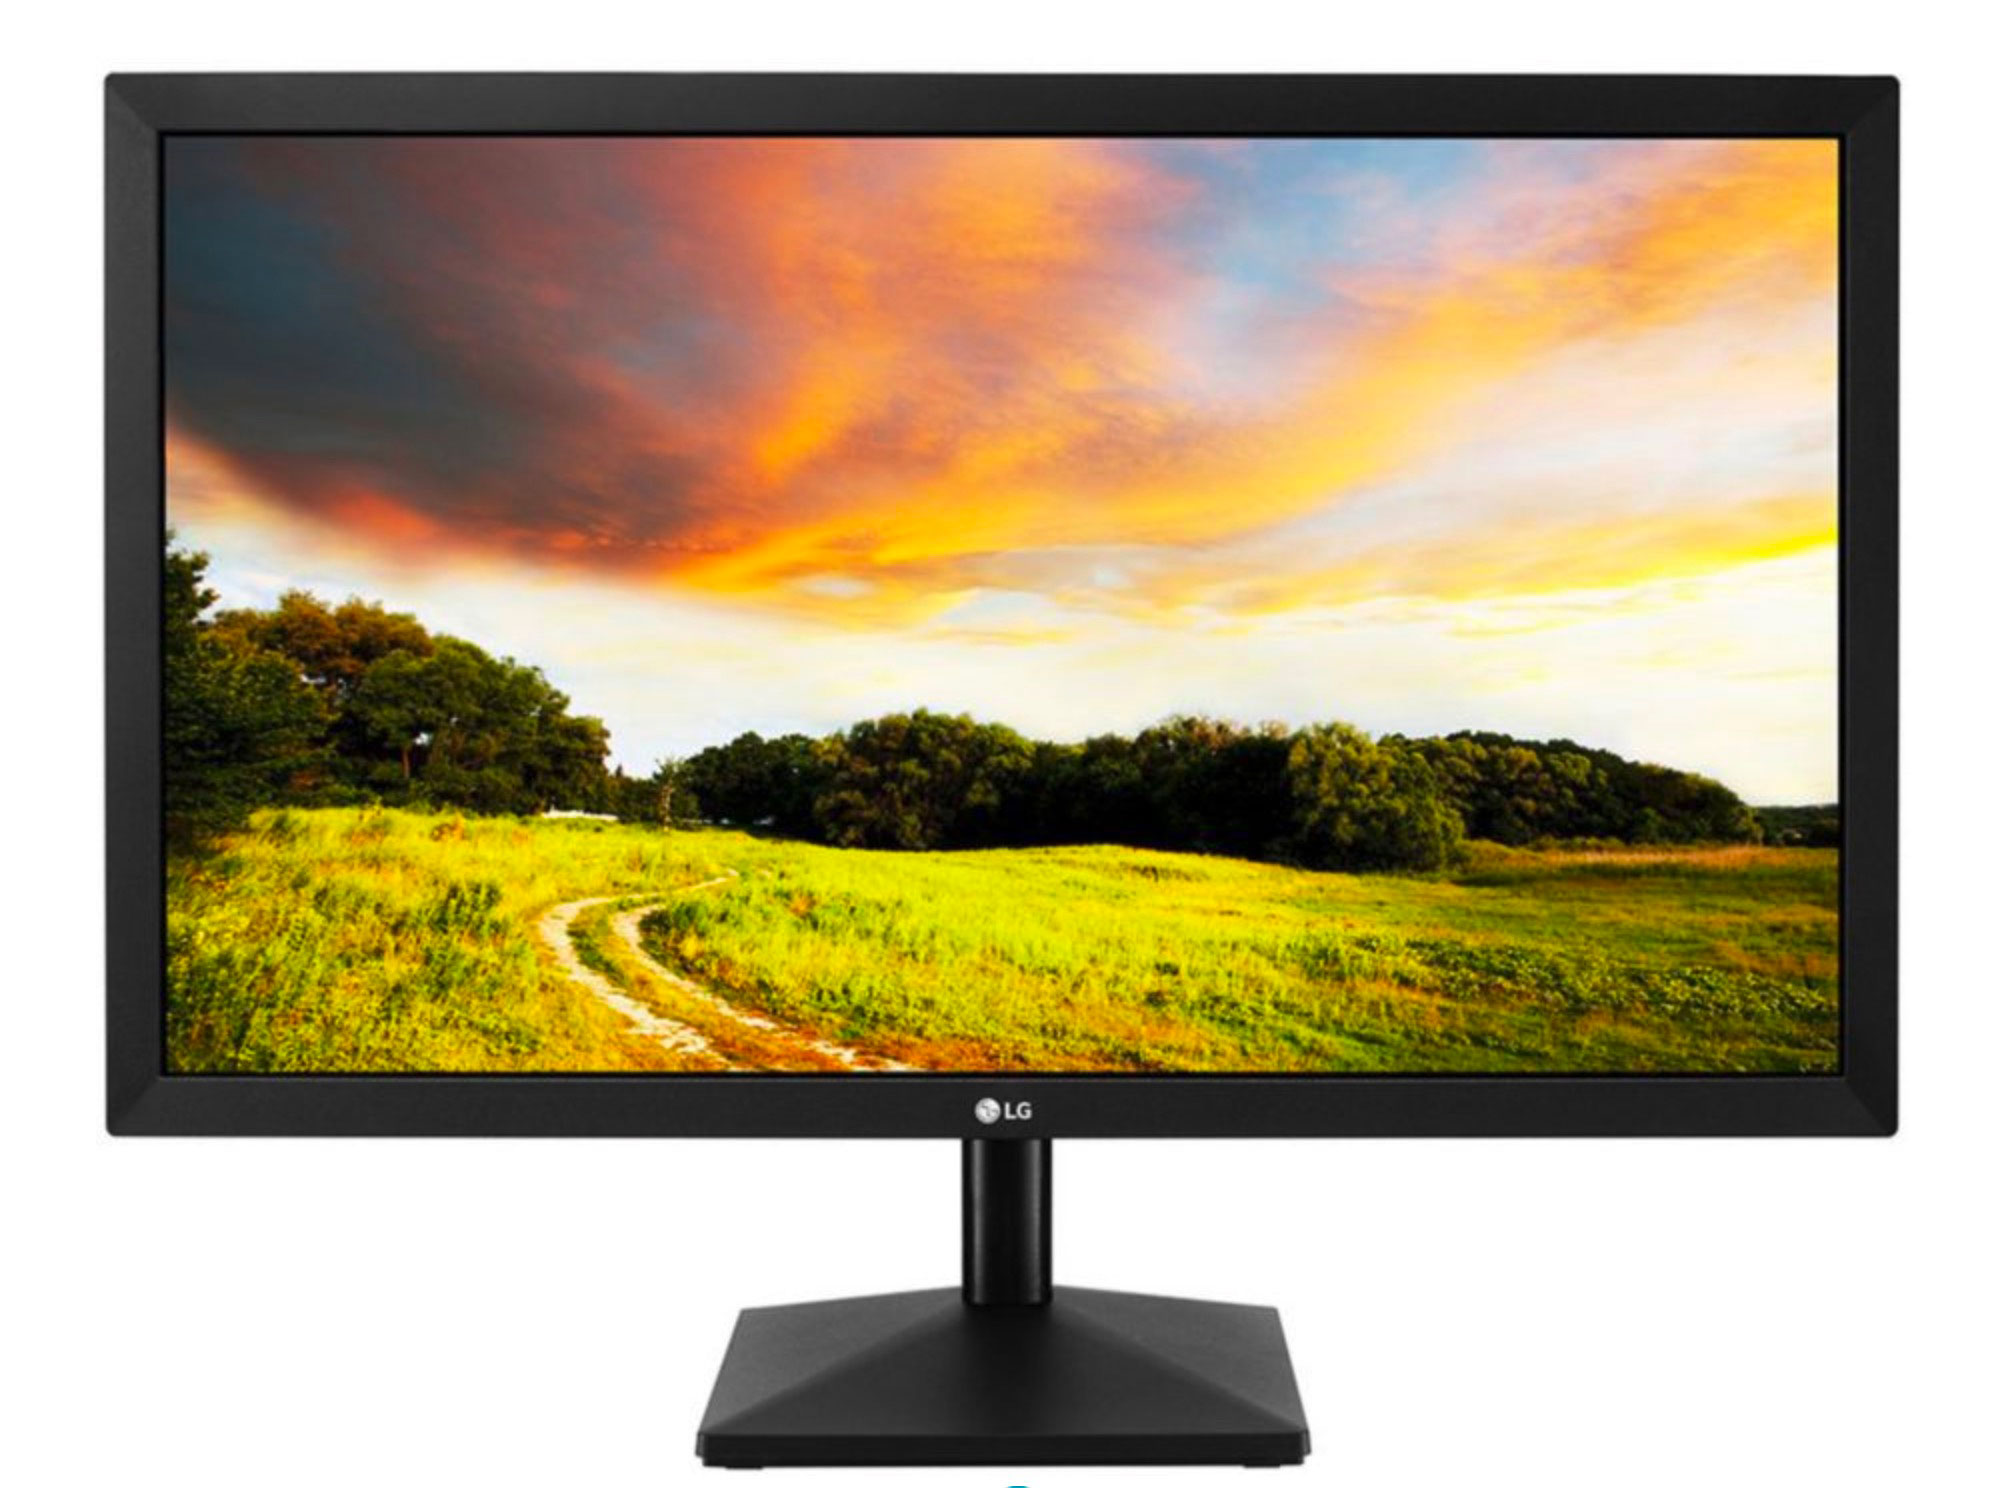 L'écran LG 24MK400H